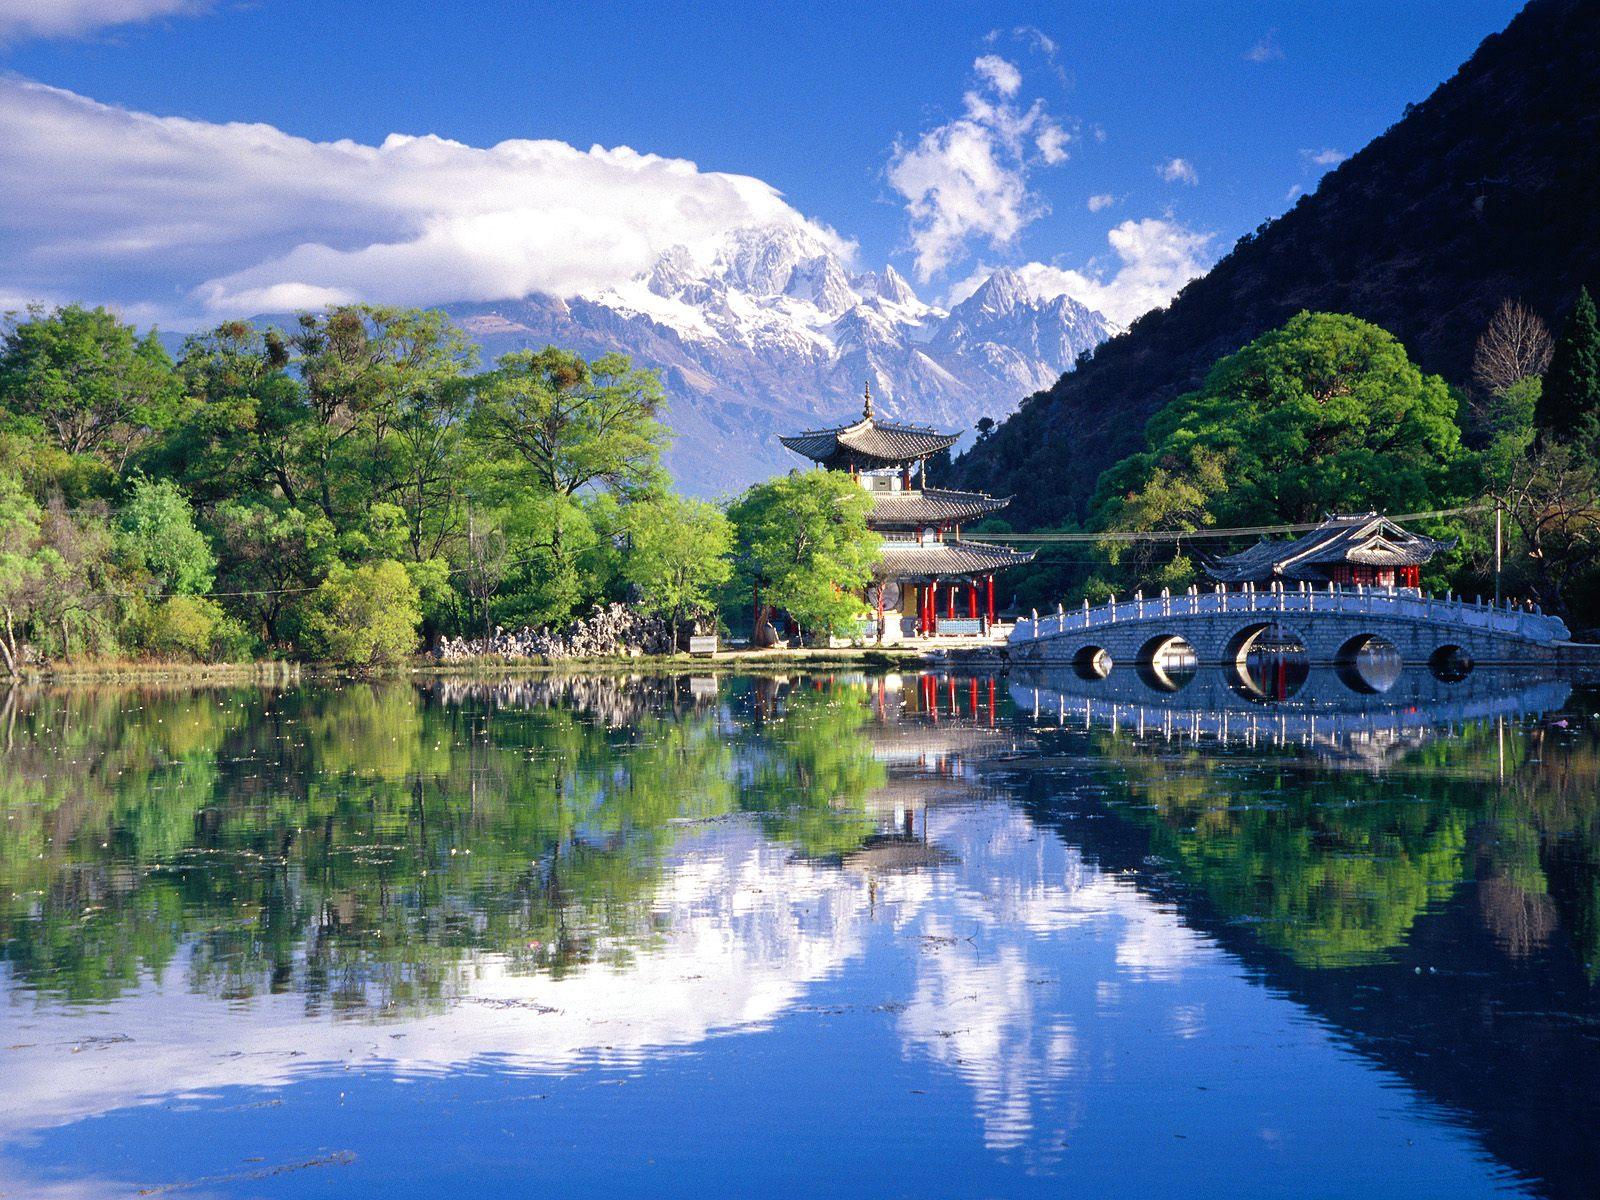 kami akan memberikan sebuah gambar pemandangan alam yang indah yang ...